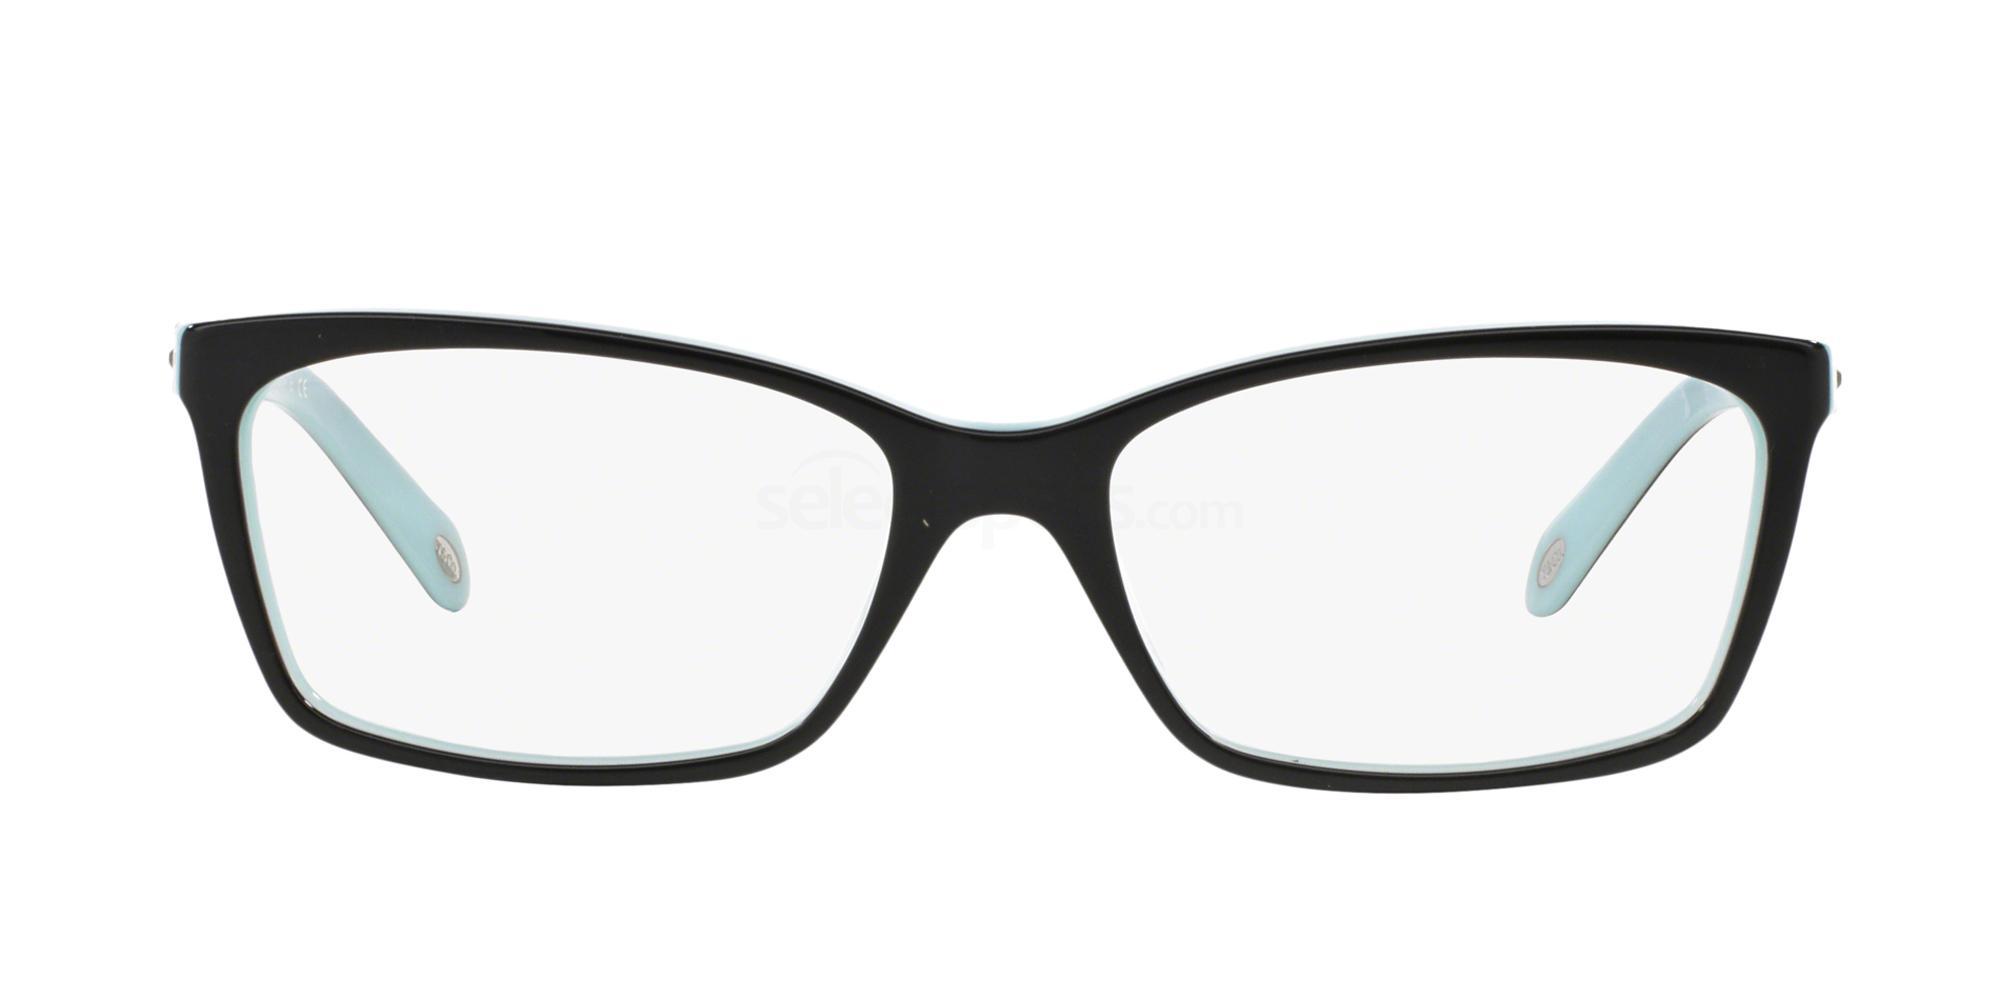 8055 TF2103B Glasses, Tiffany & Co.